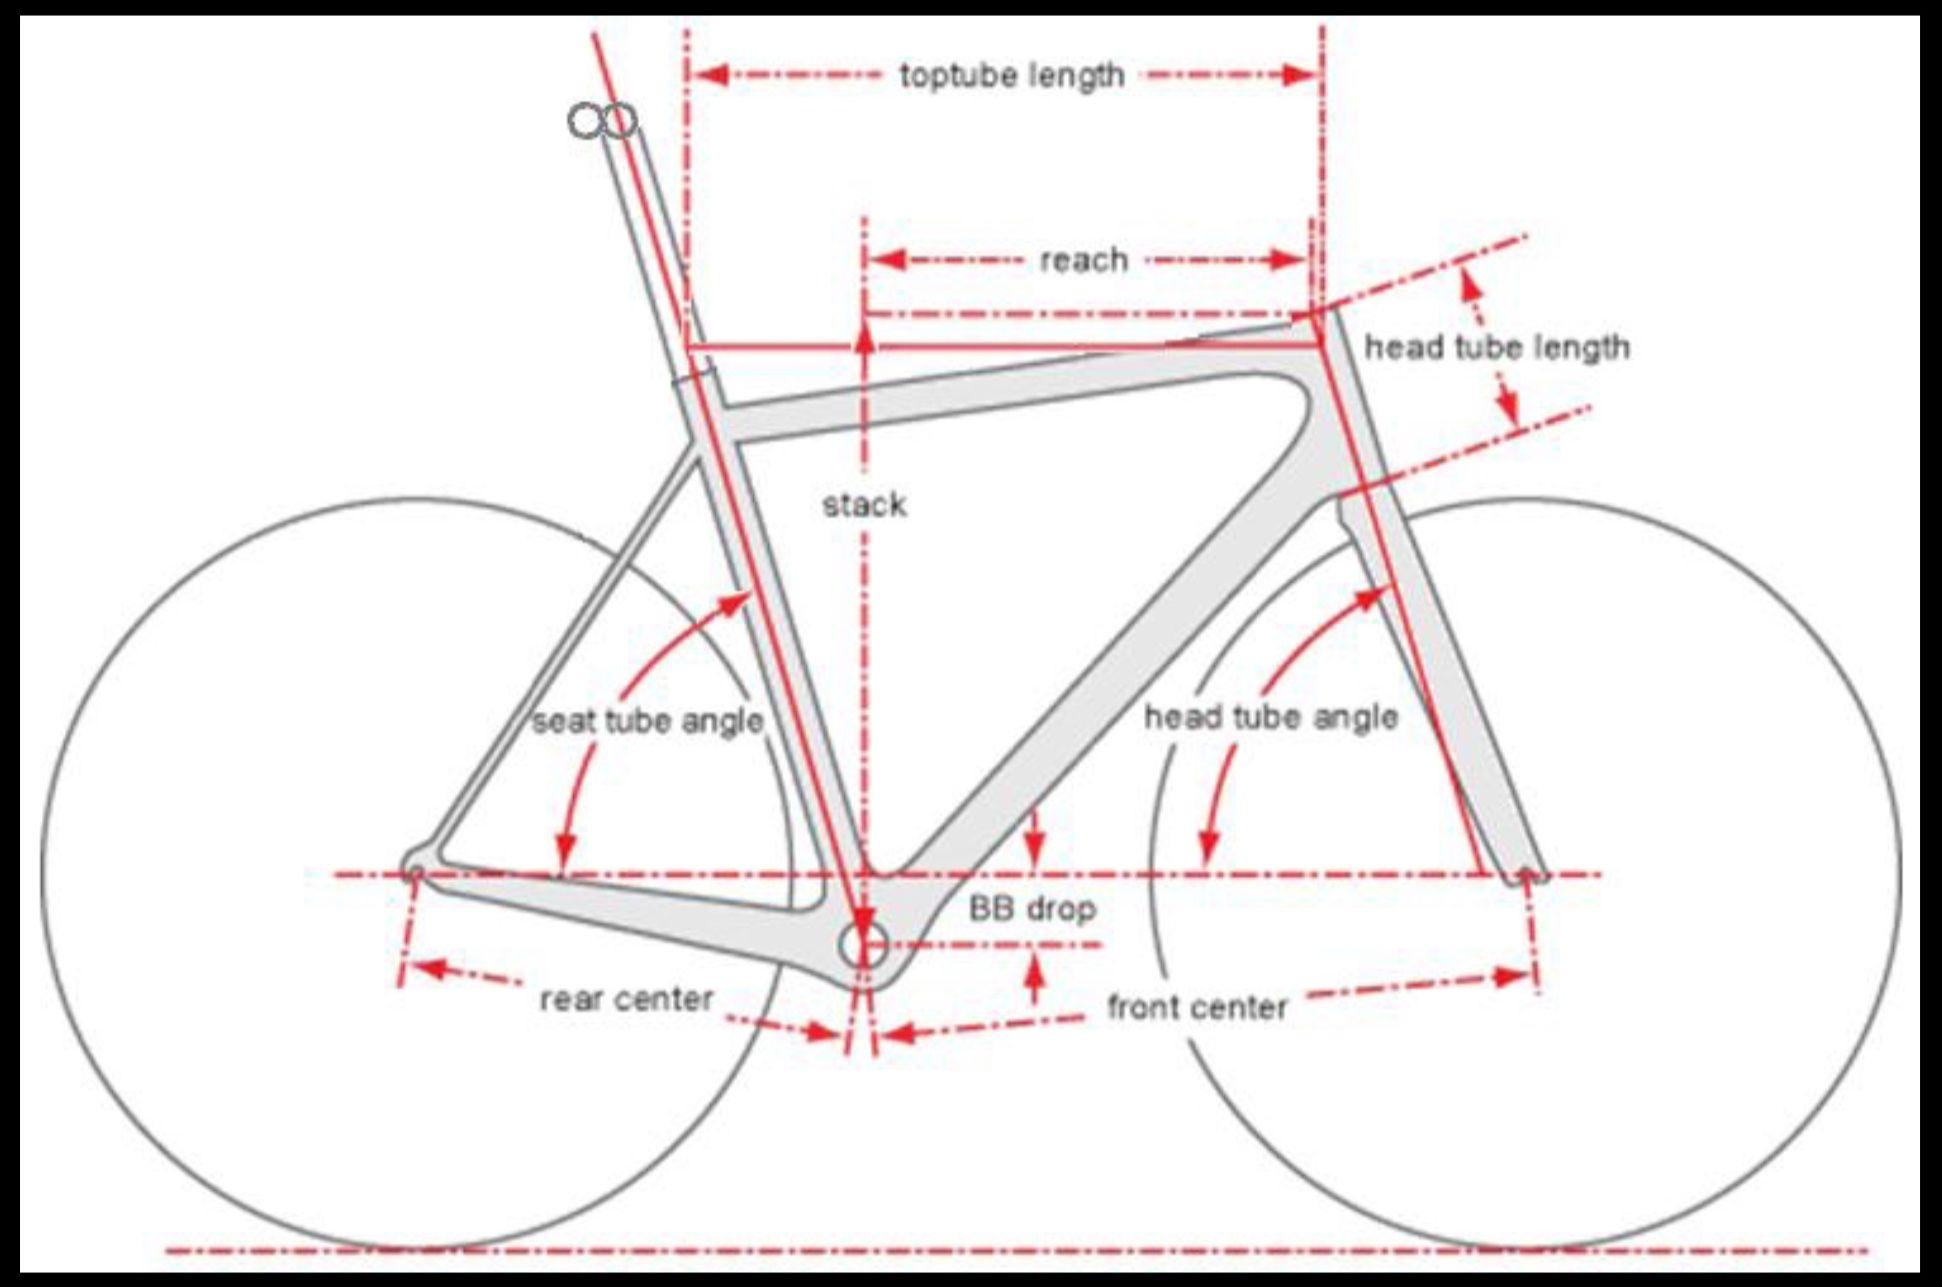 Nombres de las medidas de la geometría de una bicicleta   Triatlon ...